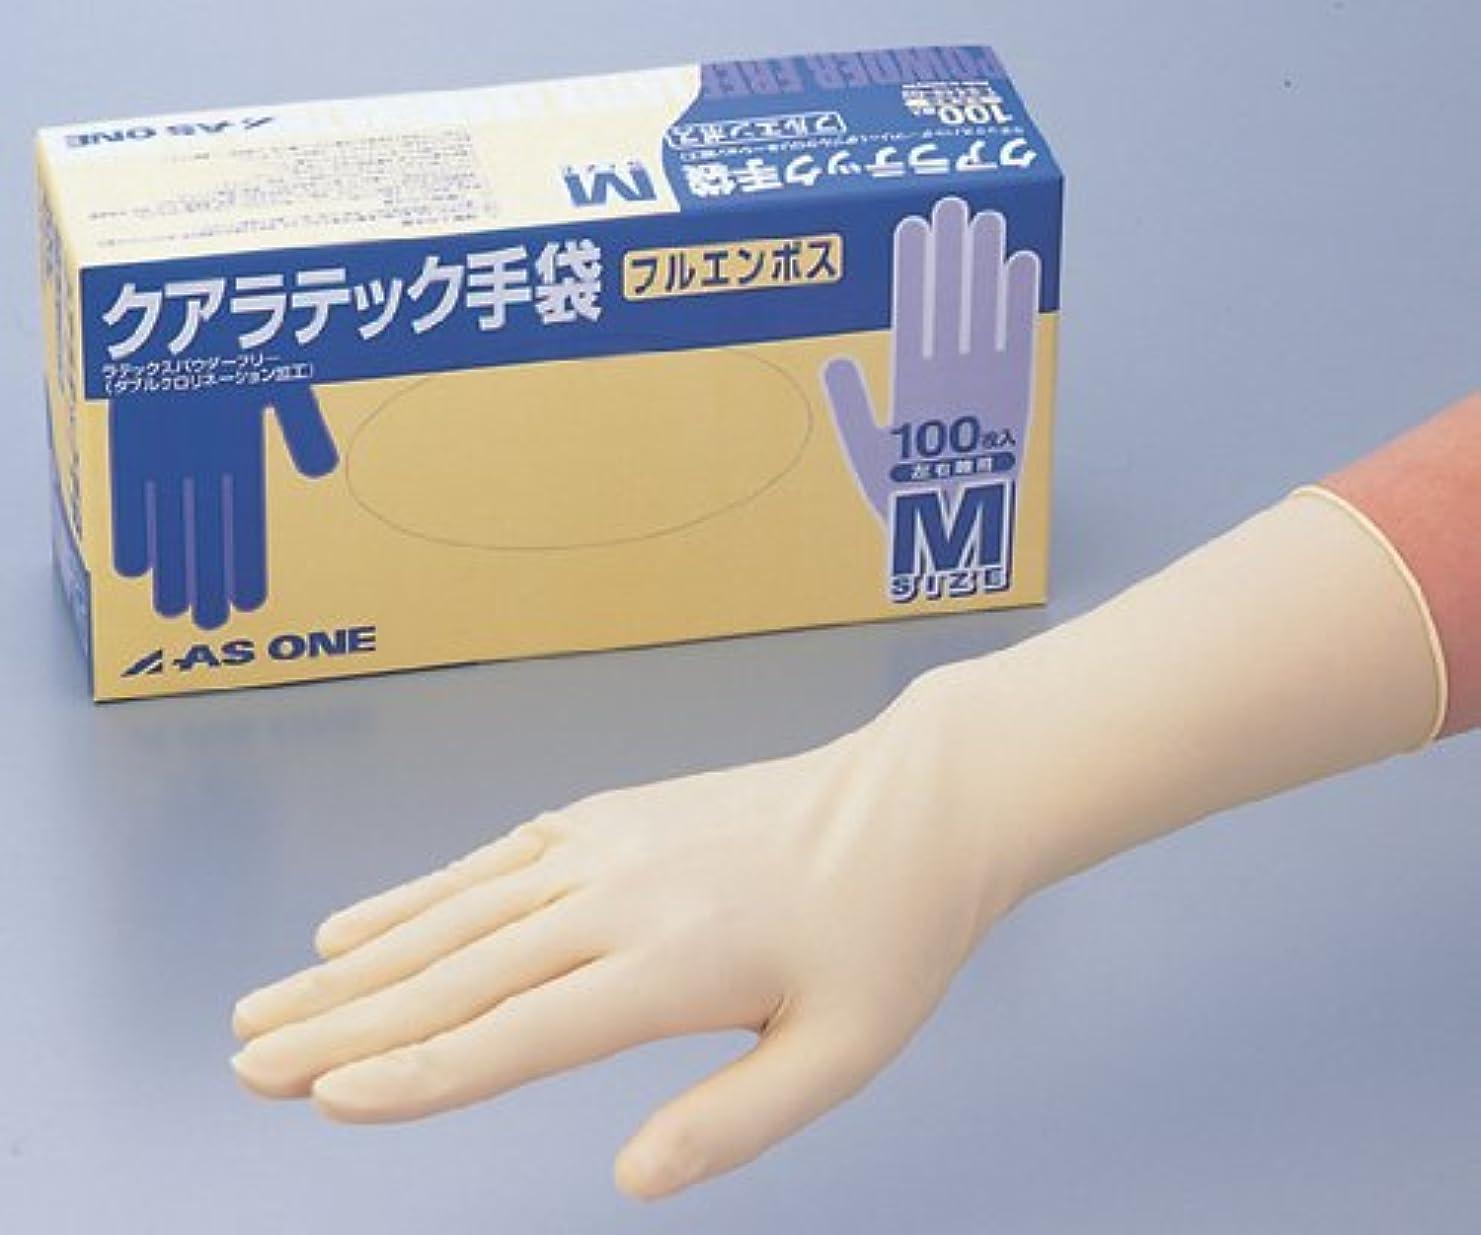 ダイアクリティカル獣ほこりアズワン1-8448-02クアラテック手袋フルエンボス(パウダーフリー)M100枚入